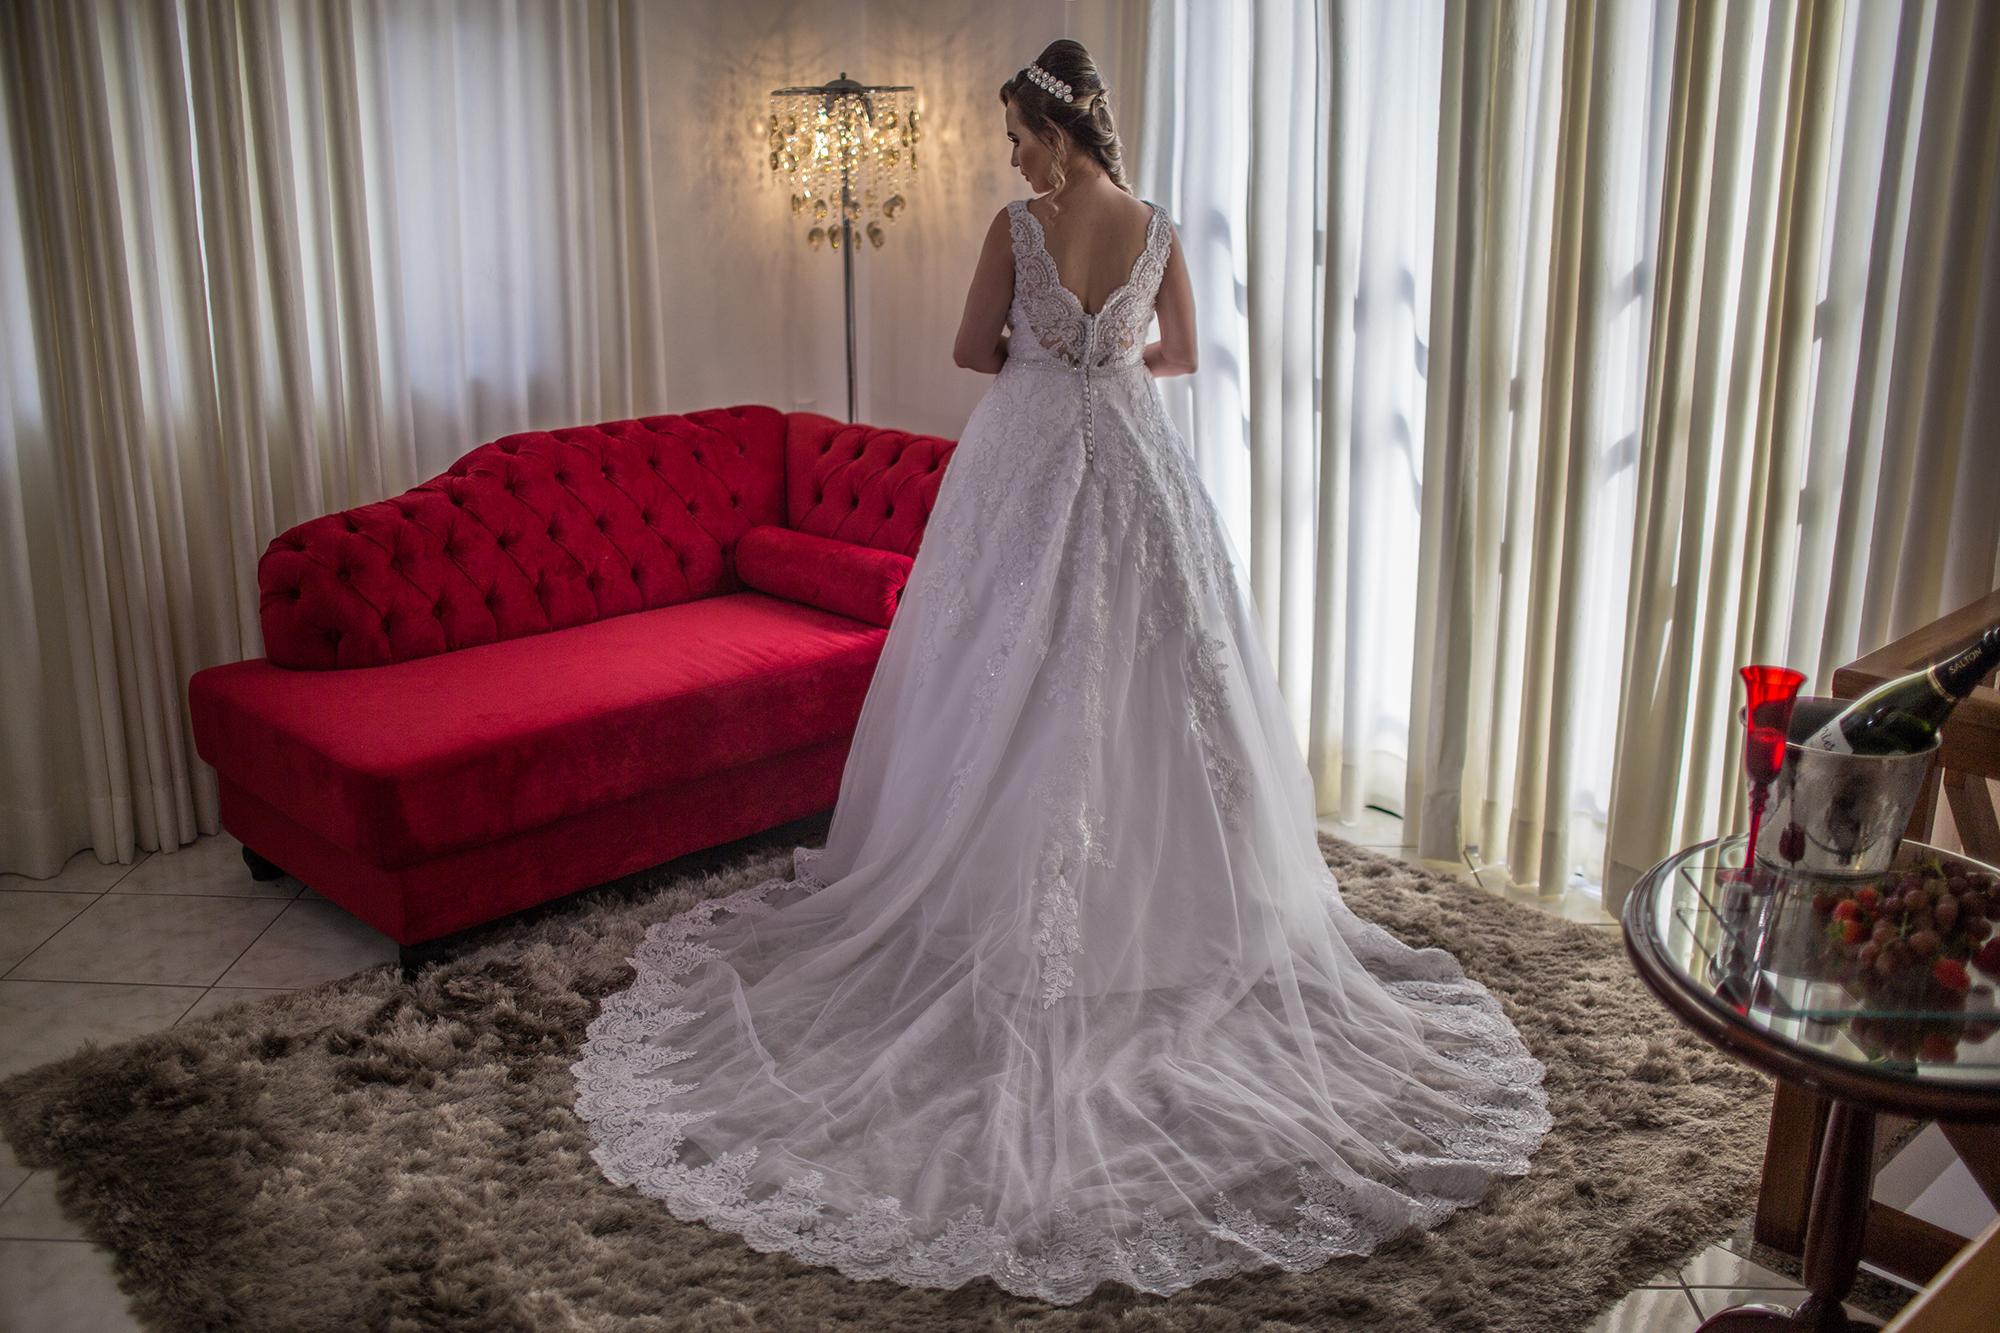 Contate Fotógrafo Casamento Florianópolis | 15 Anos | Filmagem